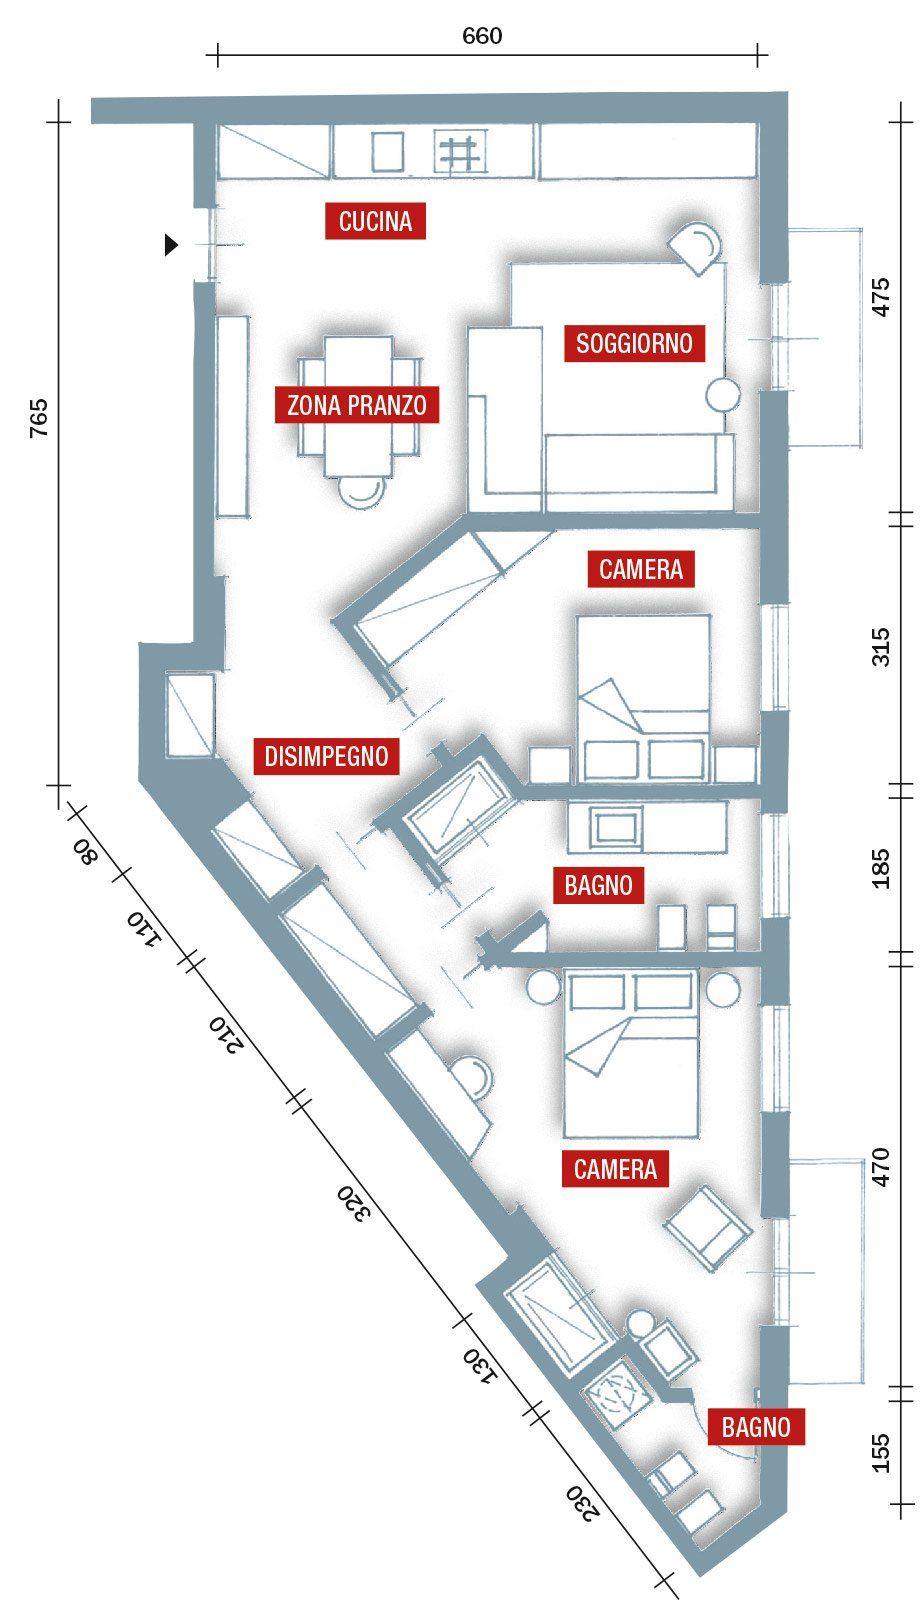 75 Mq 10 Idee Per Far Sembrare Piu Grande La Casa Planimetrie Di Case Piantine Di Case Planimetrie Dell Appartamento